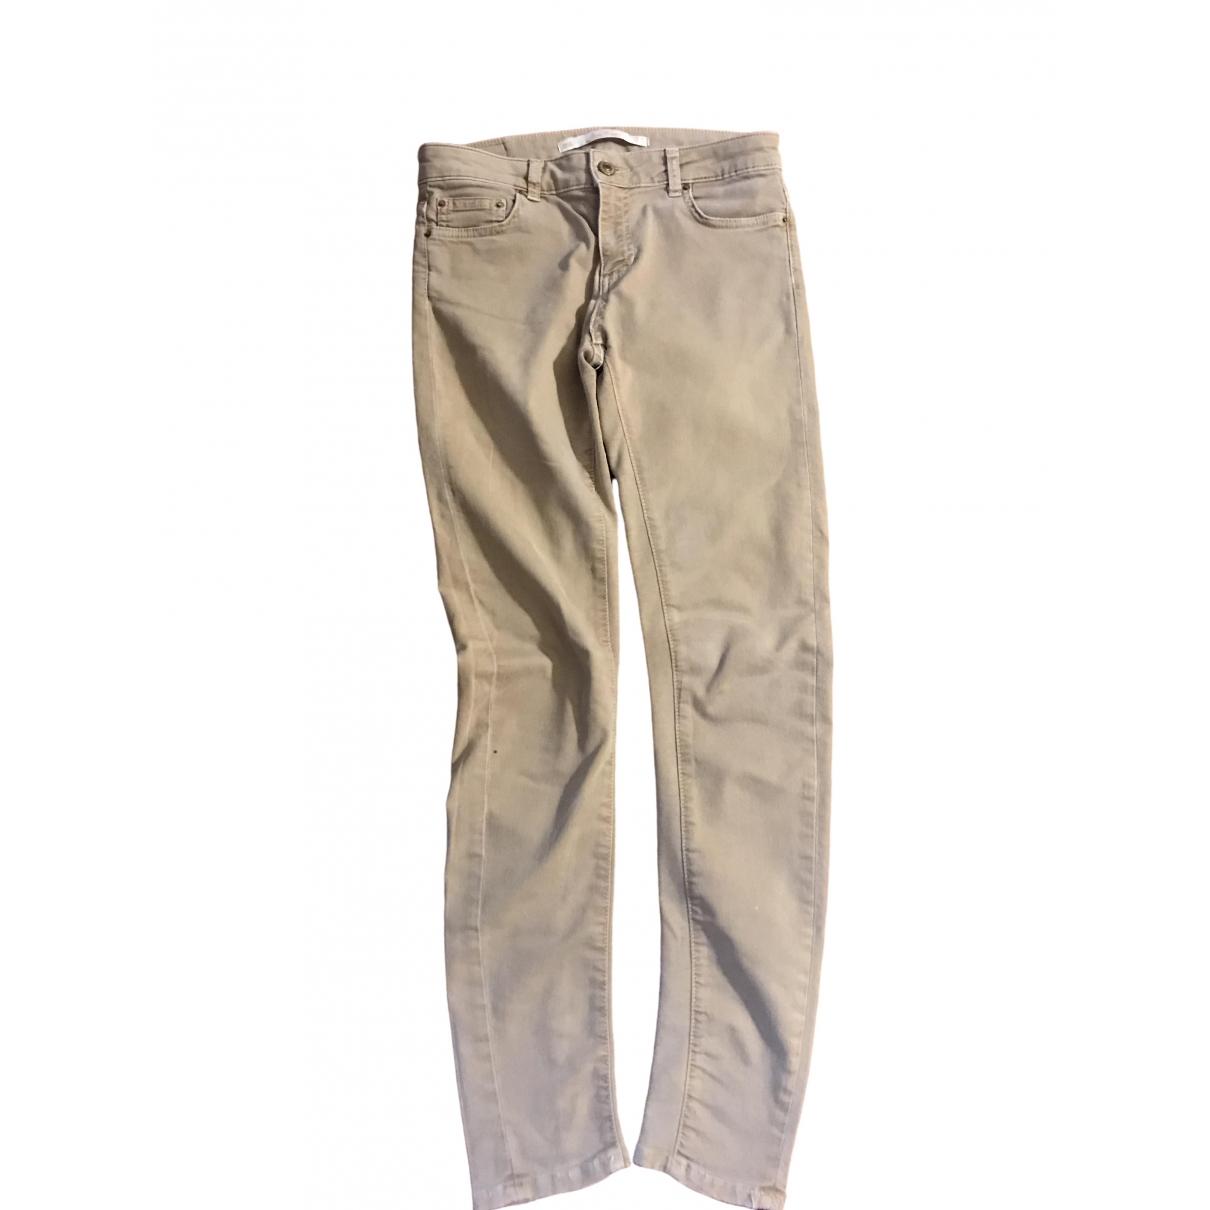 Zara \N Beige Trousers for Women 36 FR